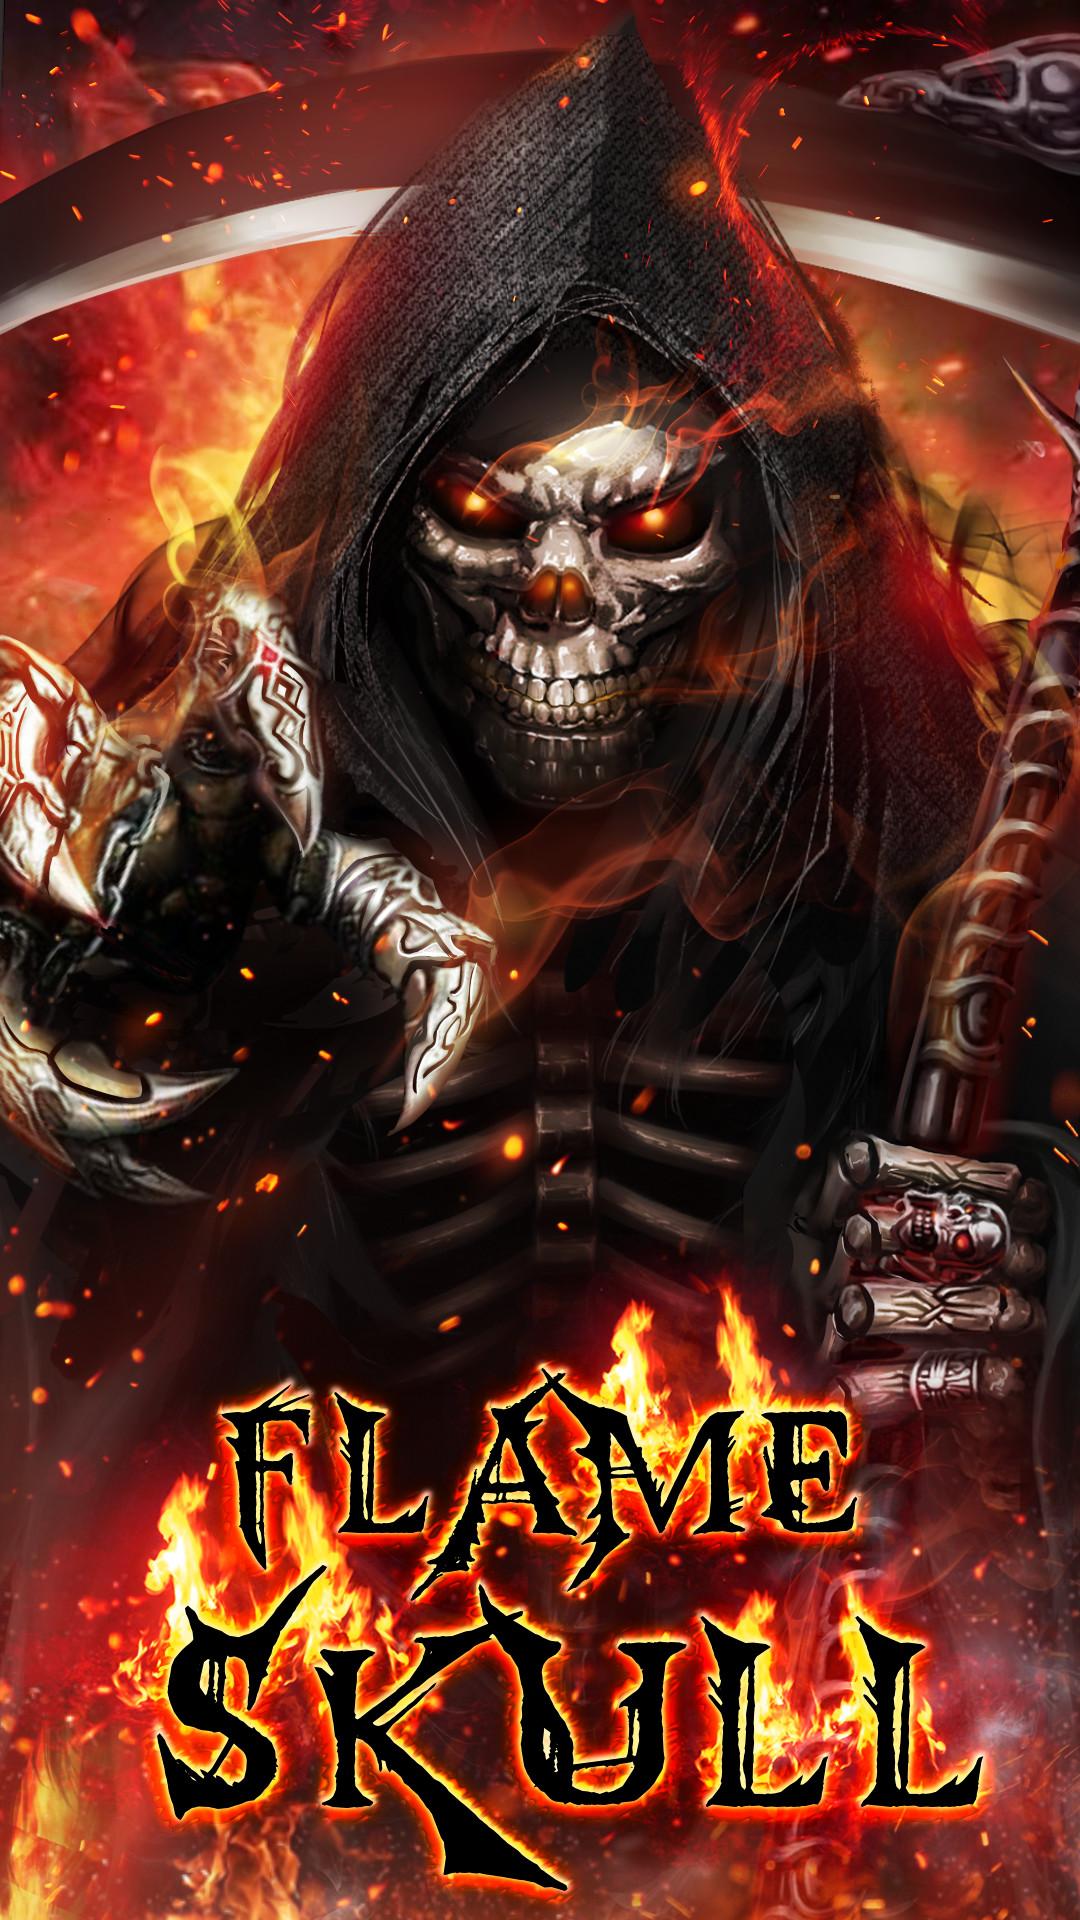 Flame skull live wallpaper!